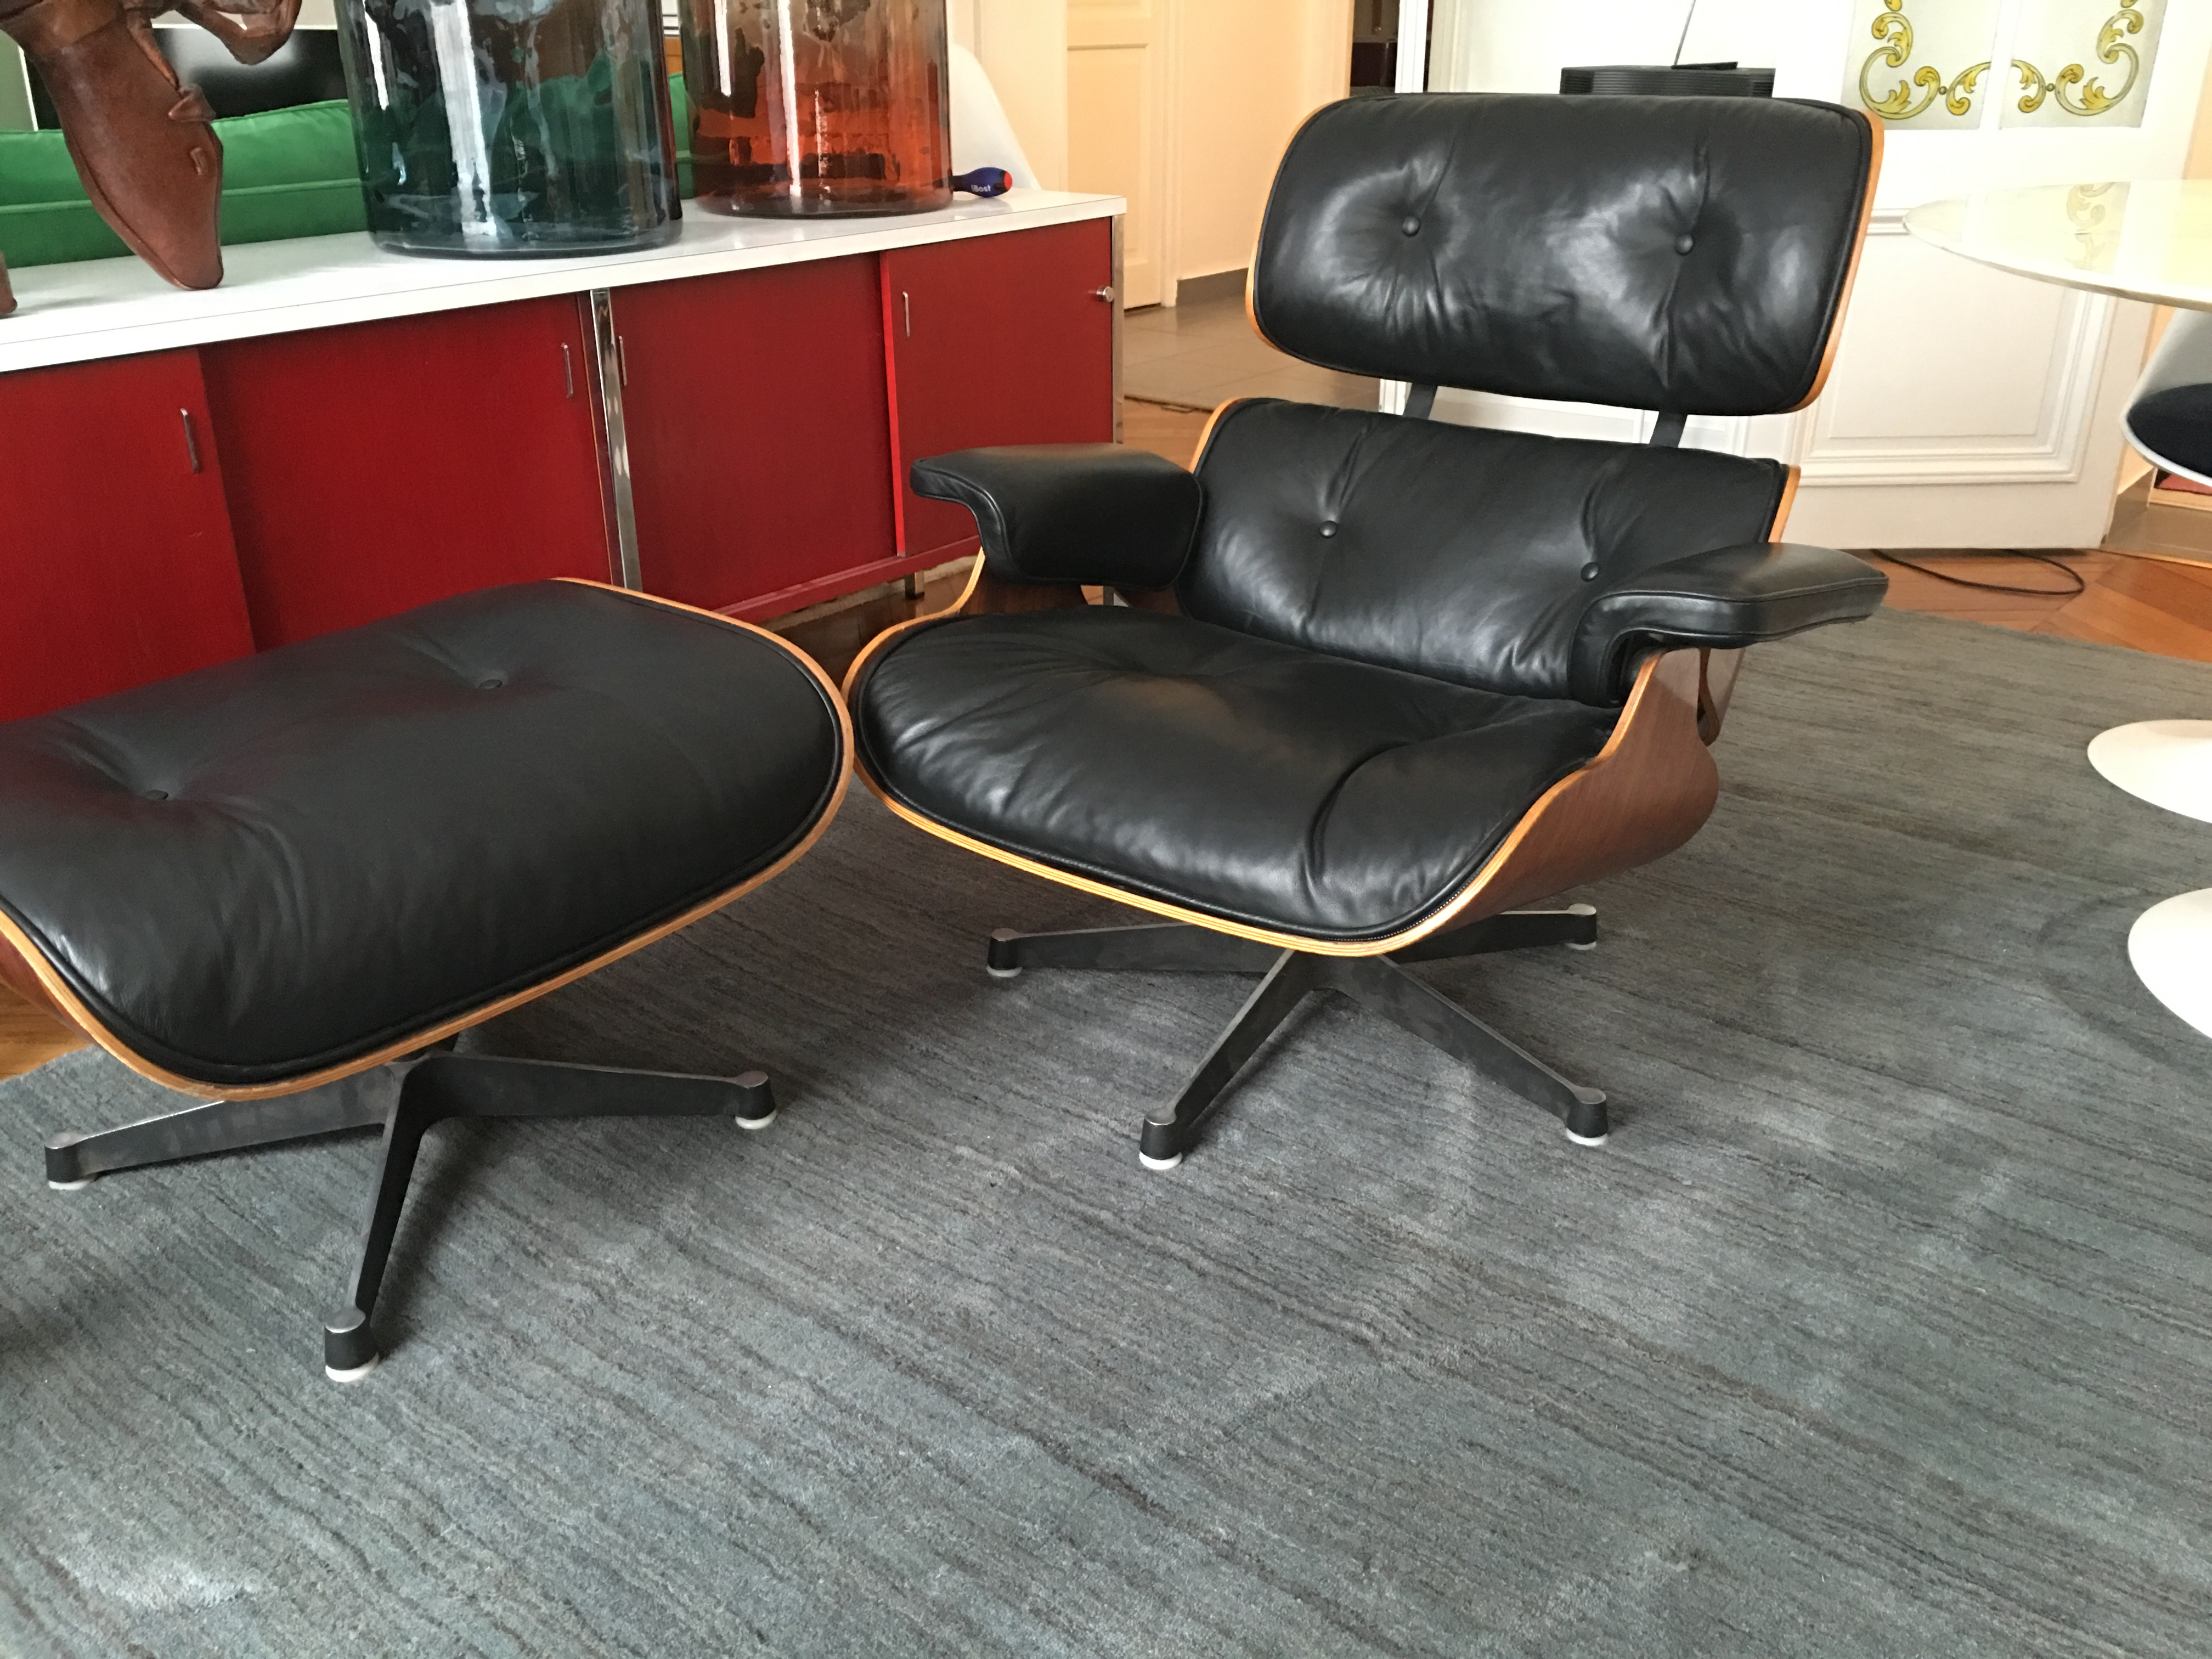 fauteuils l 39 atelier 50 boutique vintage achat et. Black Bedroom Furniture Sets. Home Design Ideas